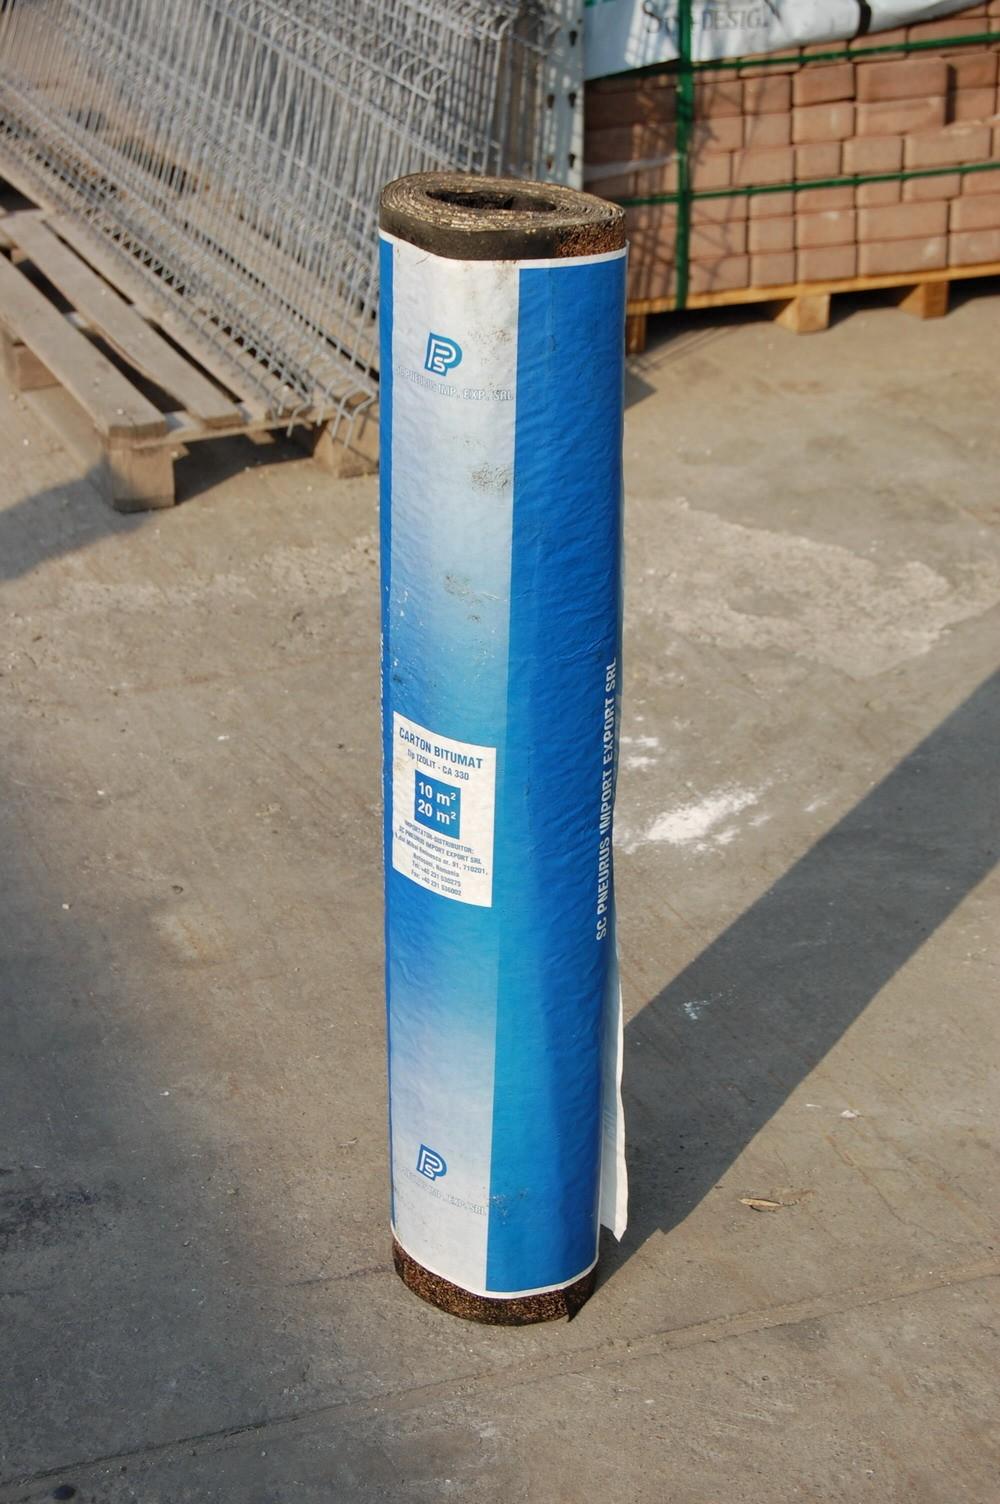 Carton Bitumat 20 mp